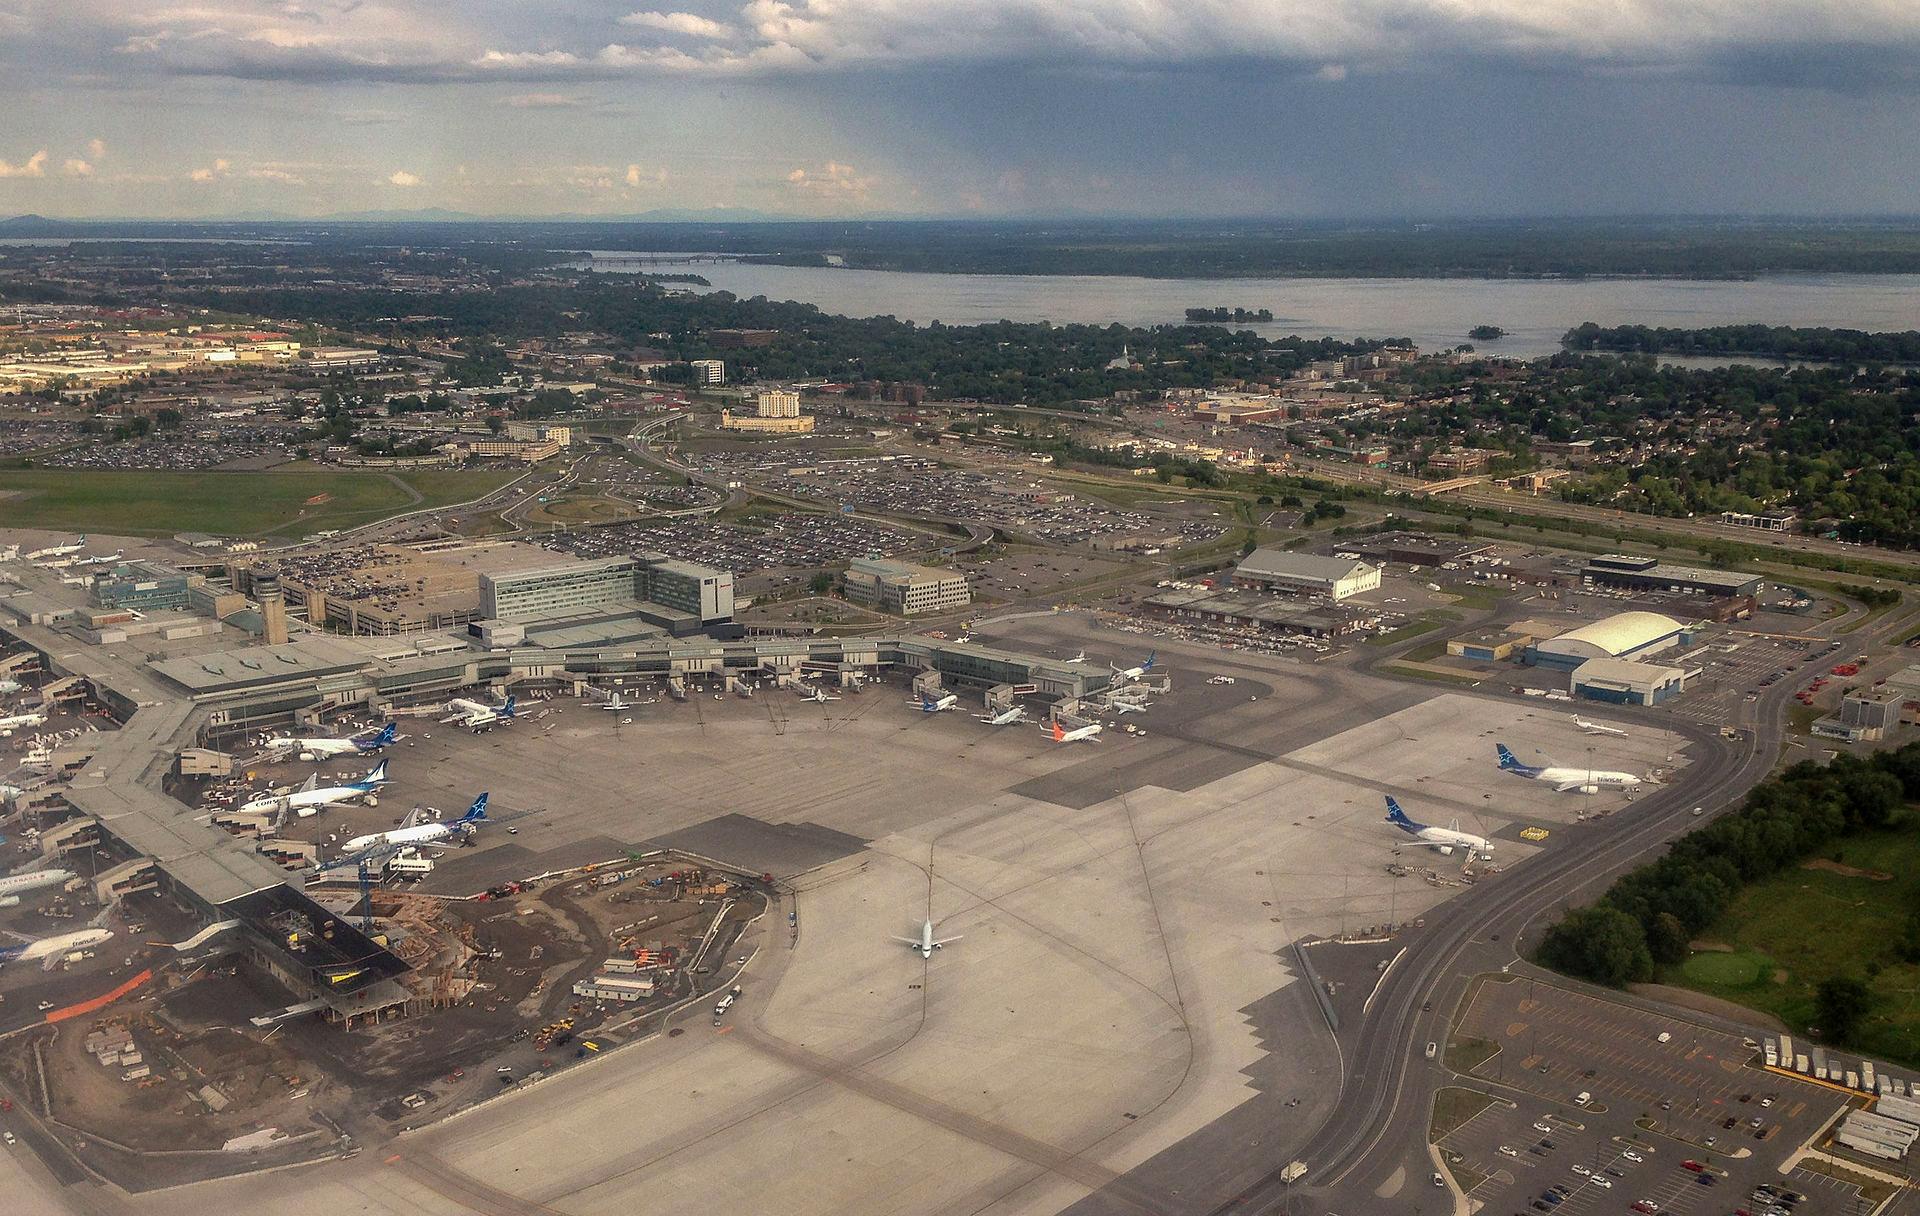 Аэропорт Монреаля Дорваль в 2014 году